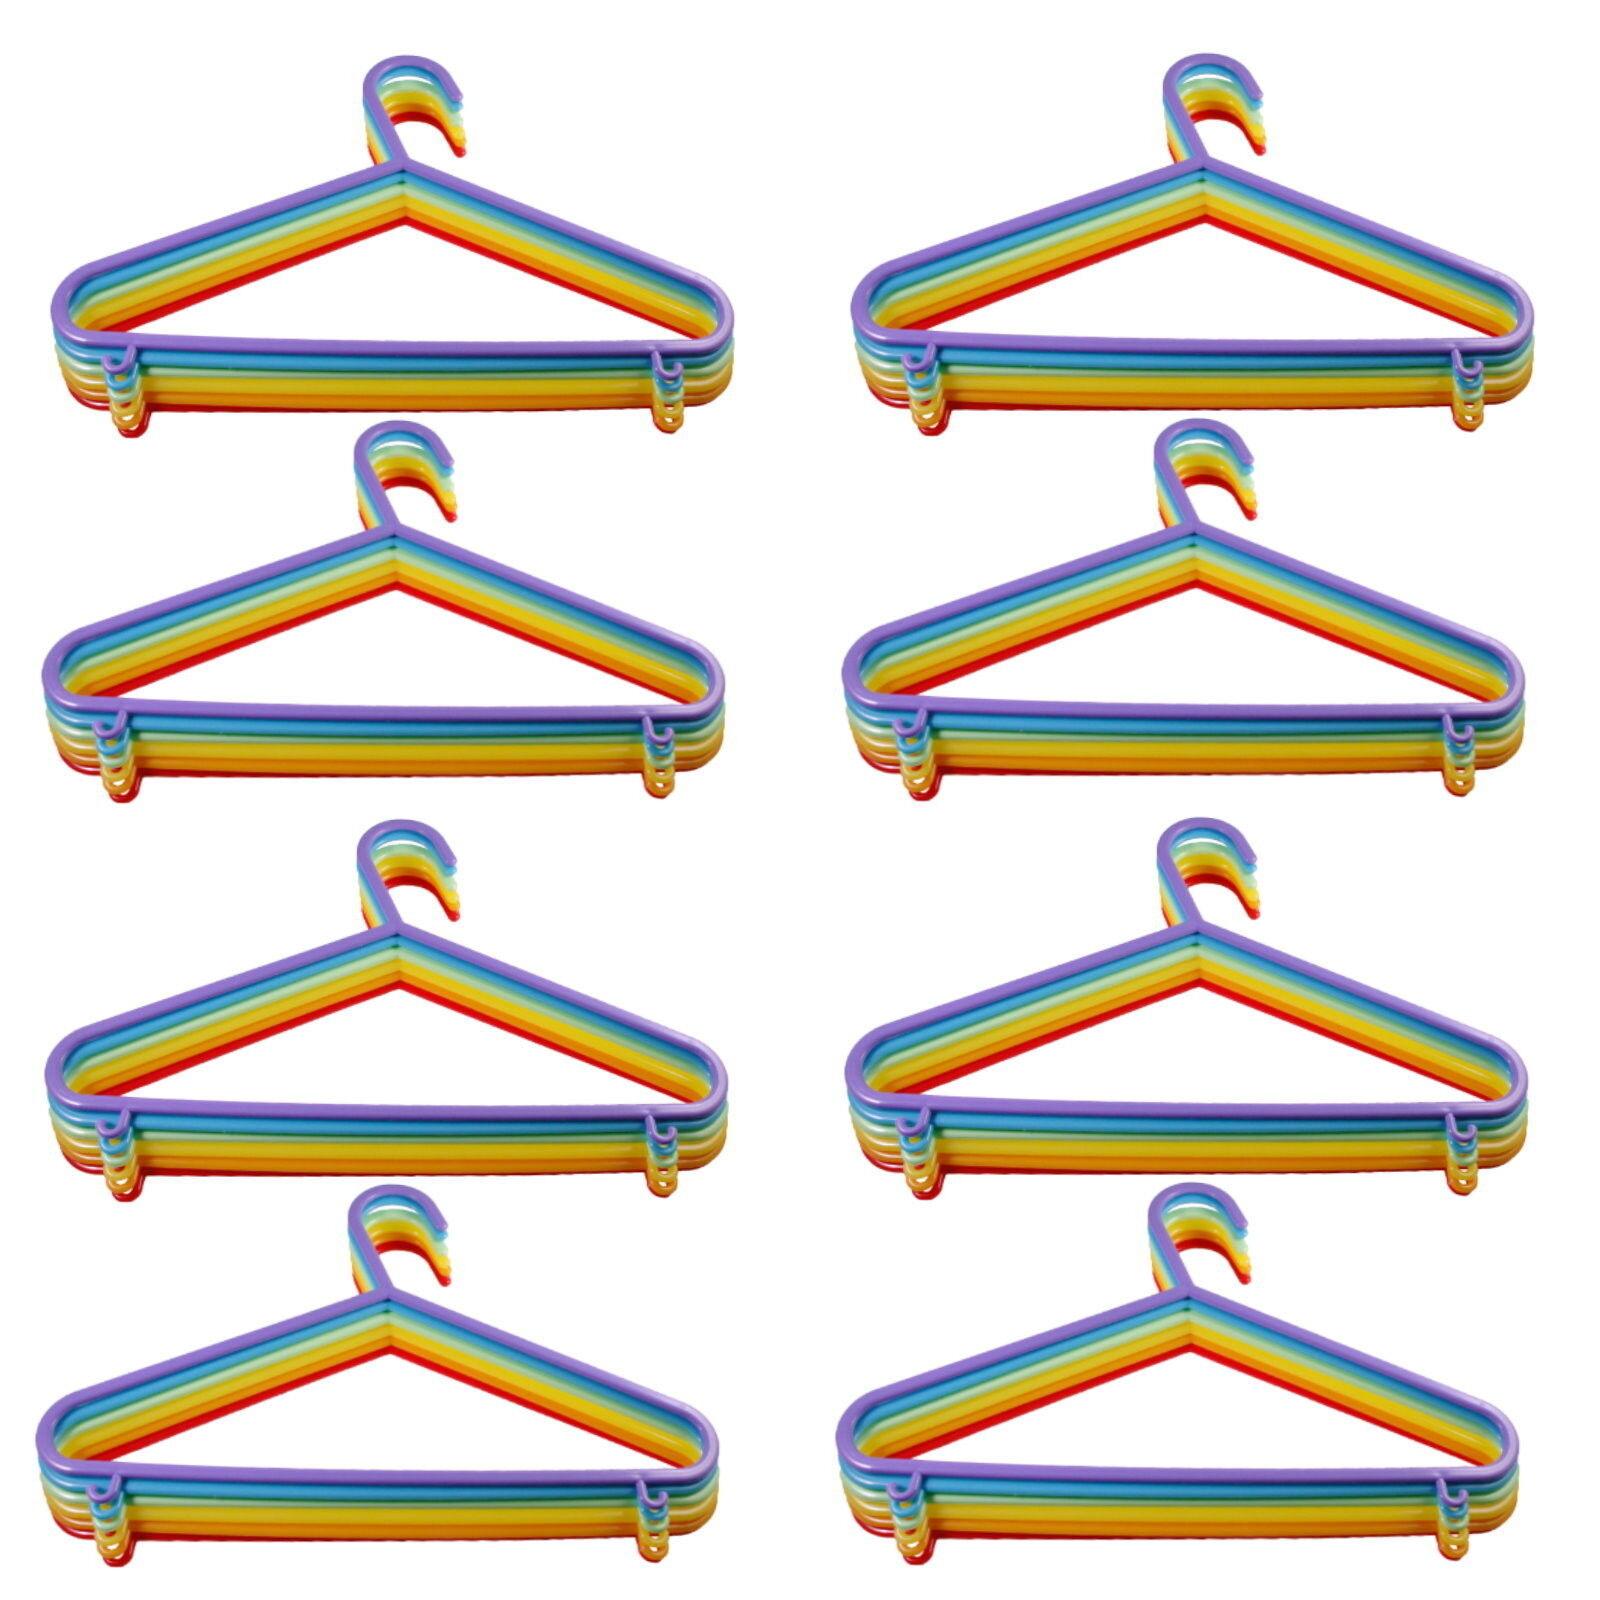 24 - 120 Stück Kinderkleiderbügel Kinder Kleiderbügel Baby Hosenbügel Bügel